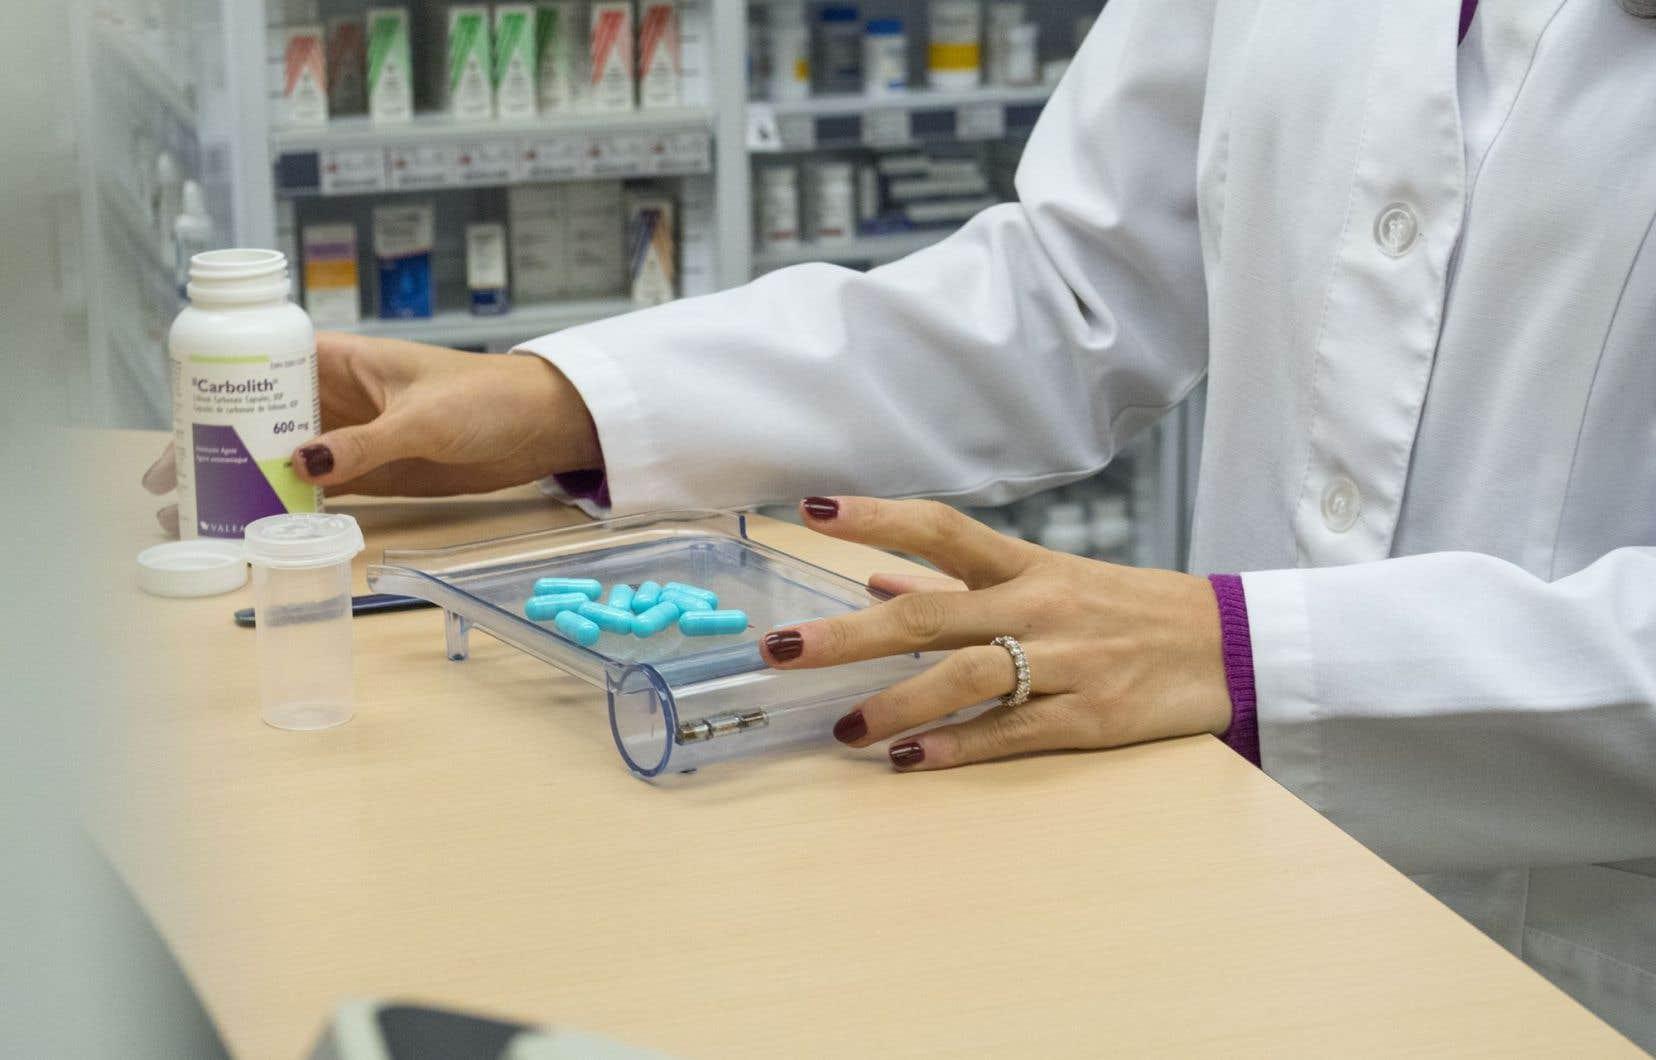 Selon l'Association québécoise des pharmaciens propriétaires, les compressions ont entraîné la suppression de près de 1000 emplois en pharmacie et la diminution des heures d'ouverture des officines.